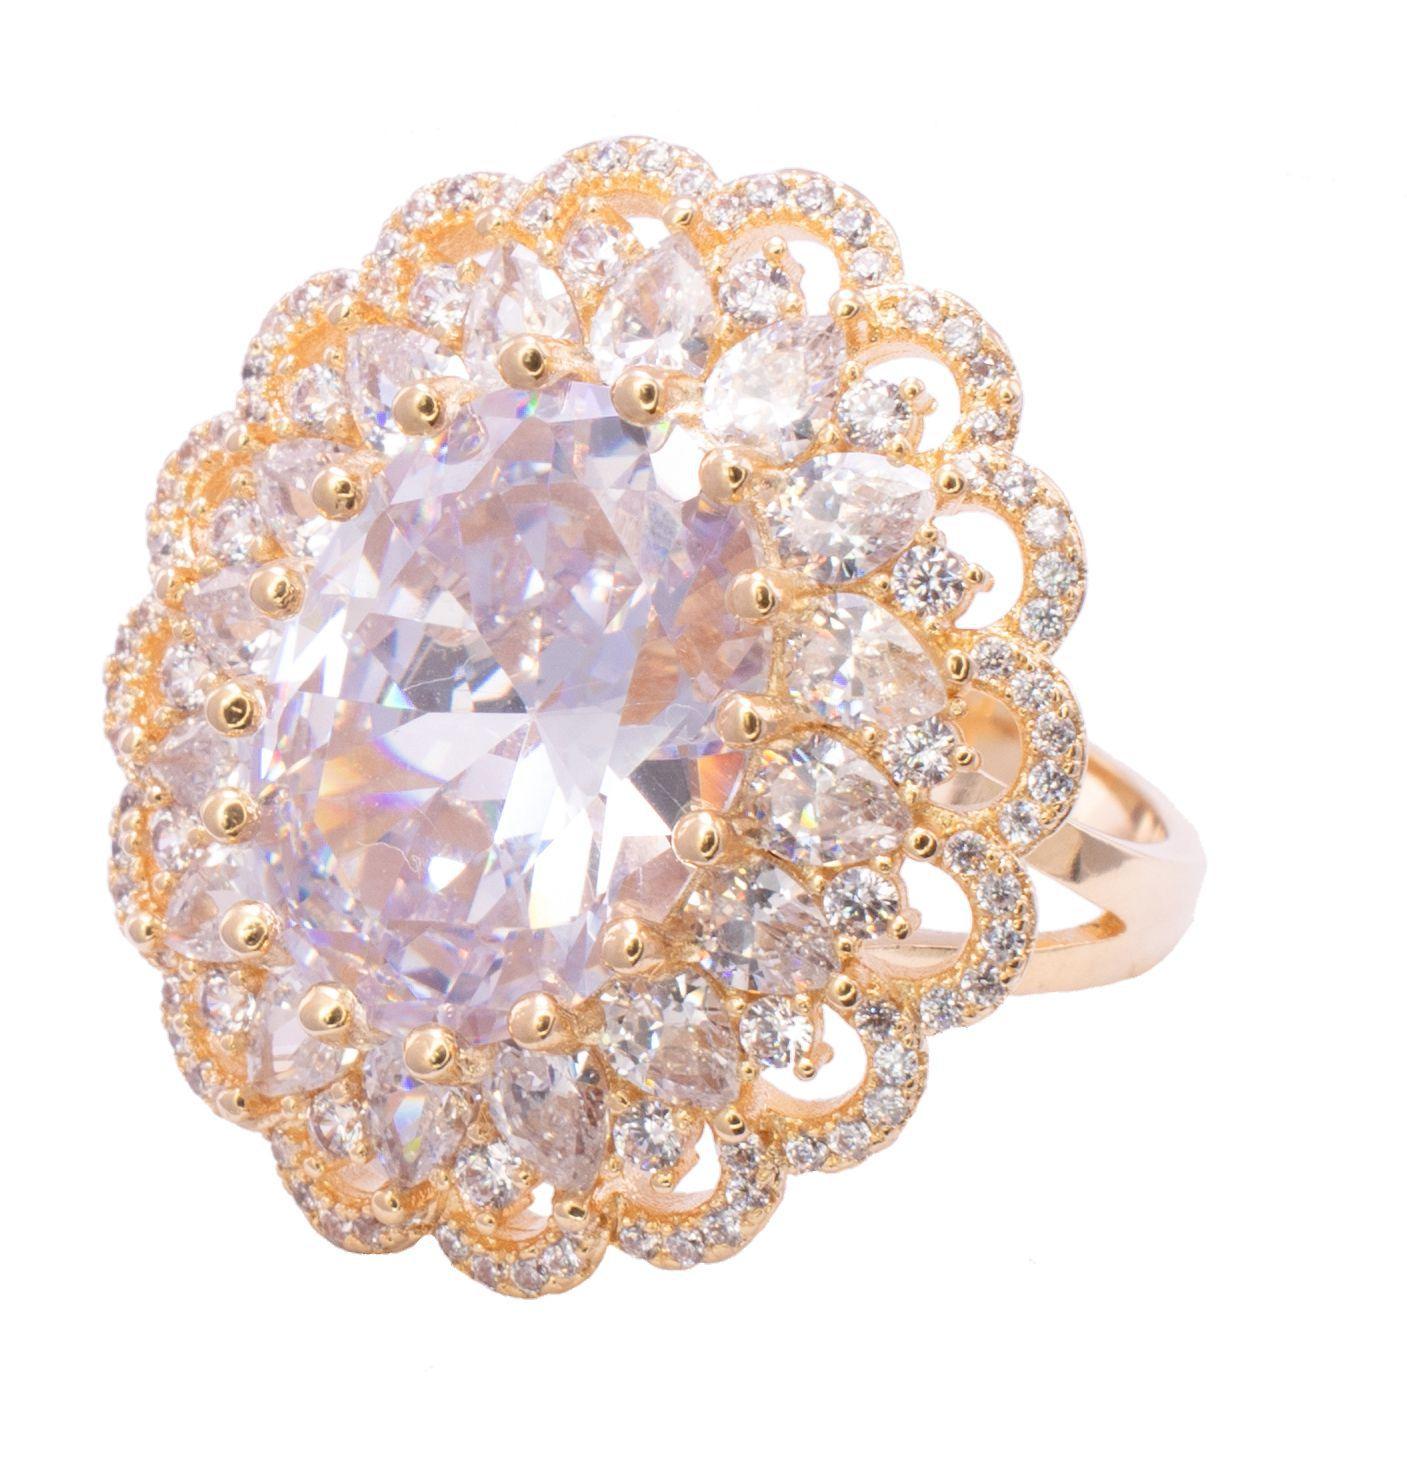 Anel Flor com Cristal e Pedra Zircônia Incolor Banho Ouro 18k - Giro Semijoias